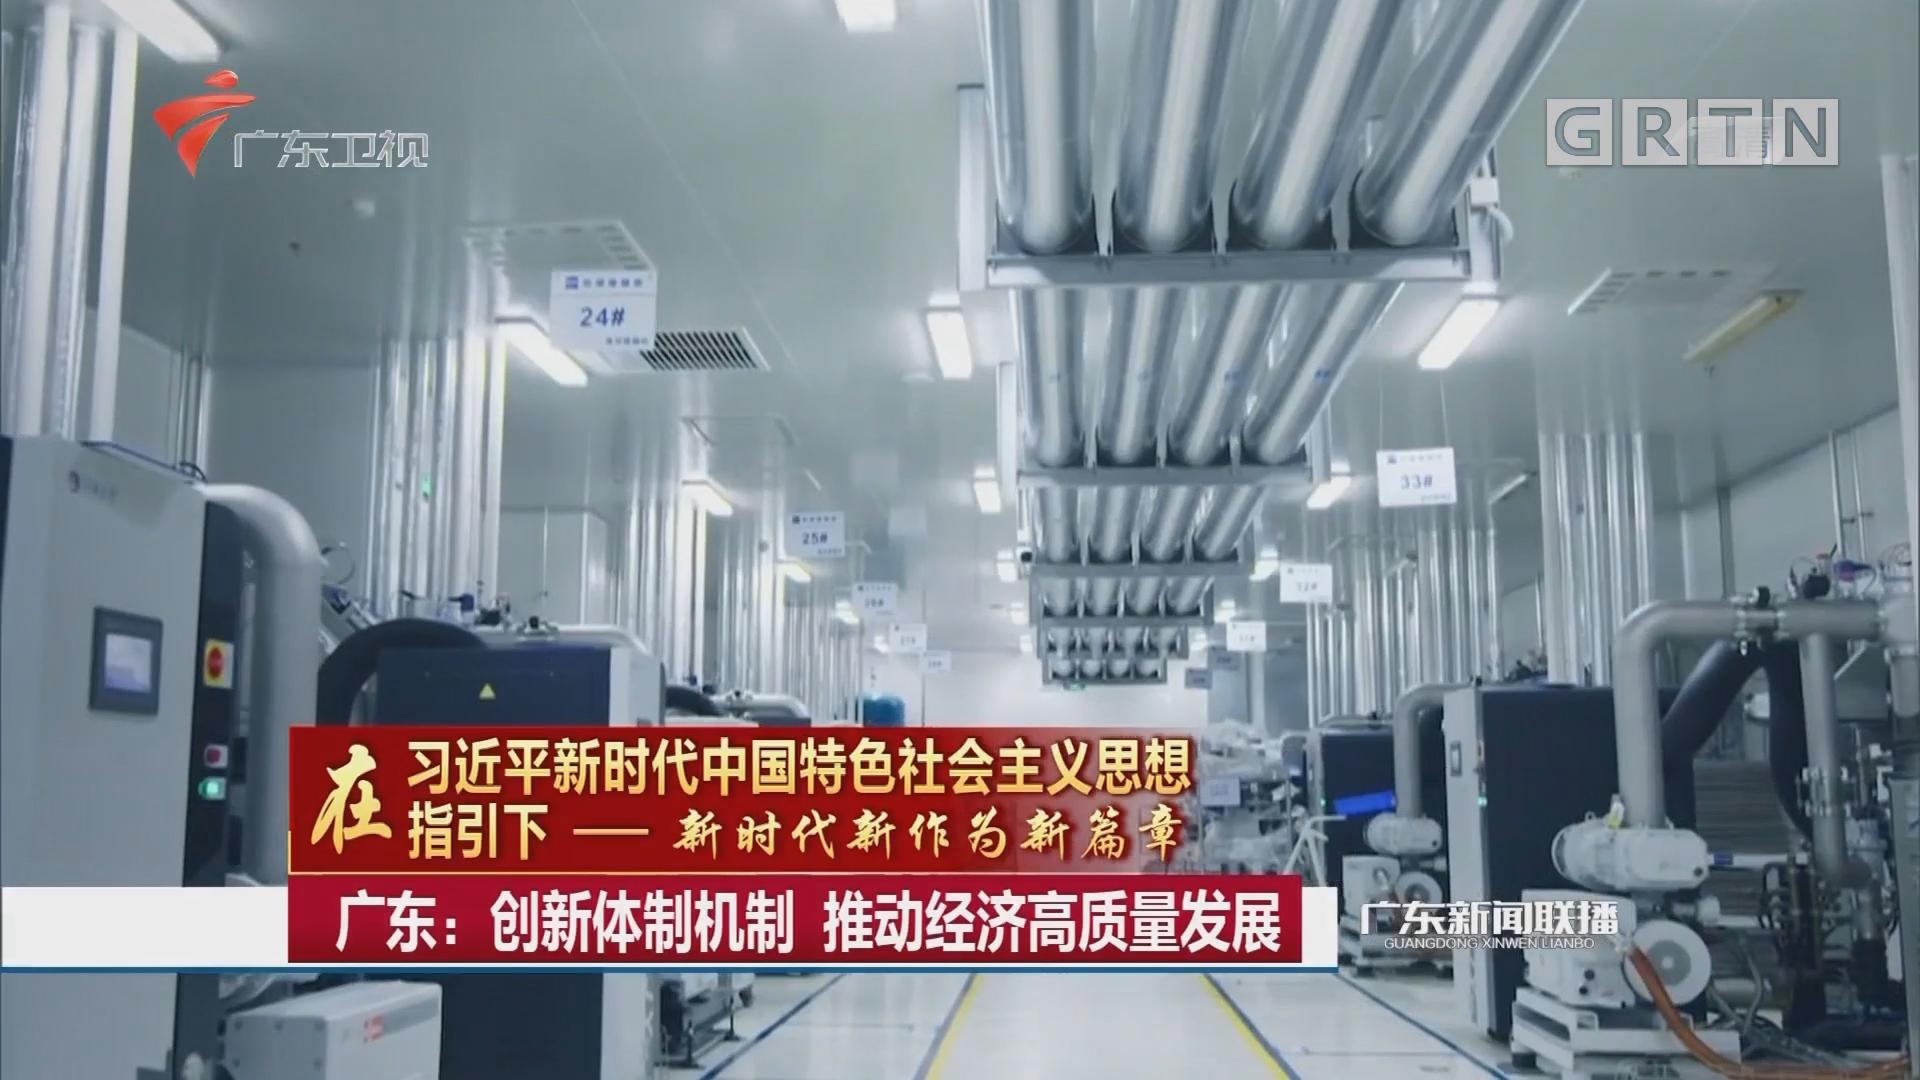 广东:创新体制机制 推动经济高质量发展